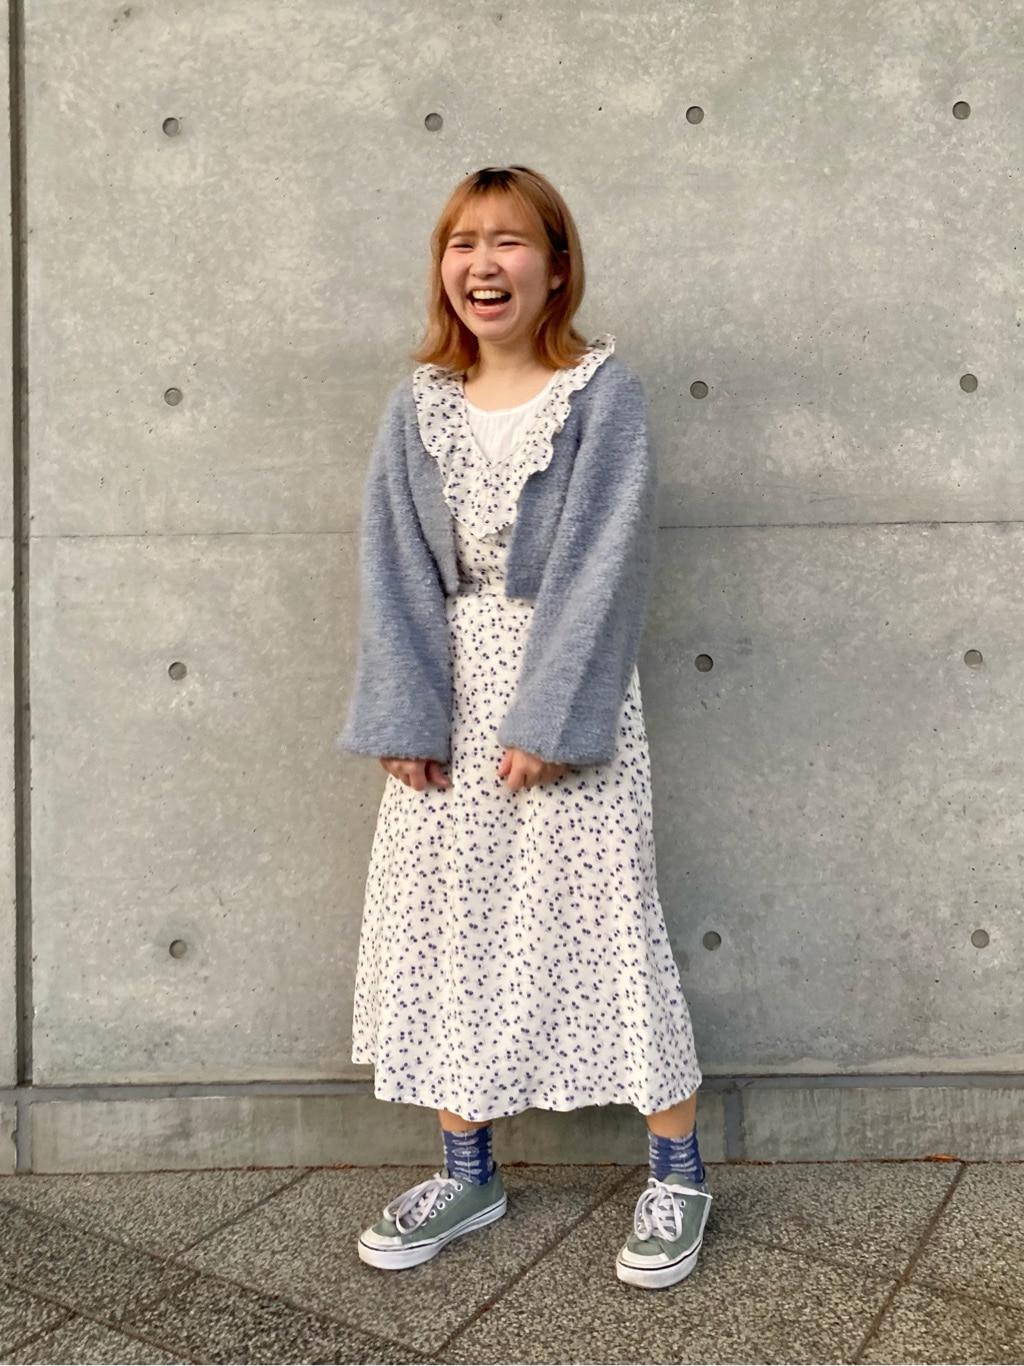 l'atelier du savon 東京スカイツリータウン・ソラマチ 身長:154cm 2021.01.13